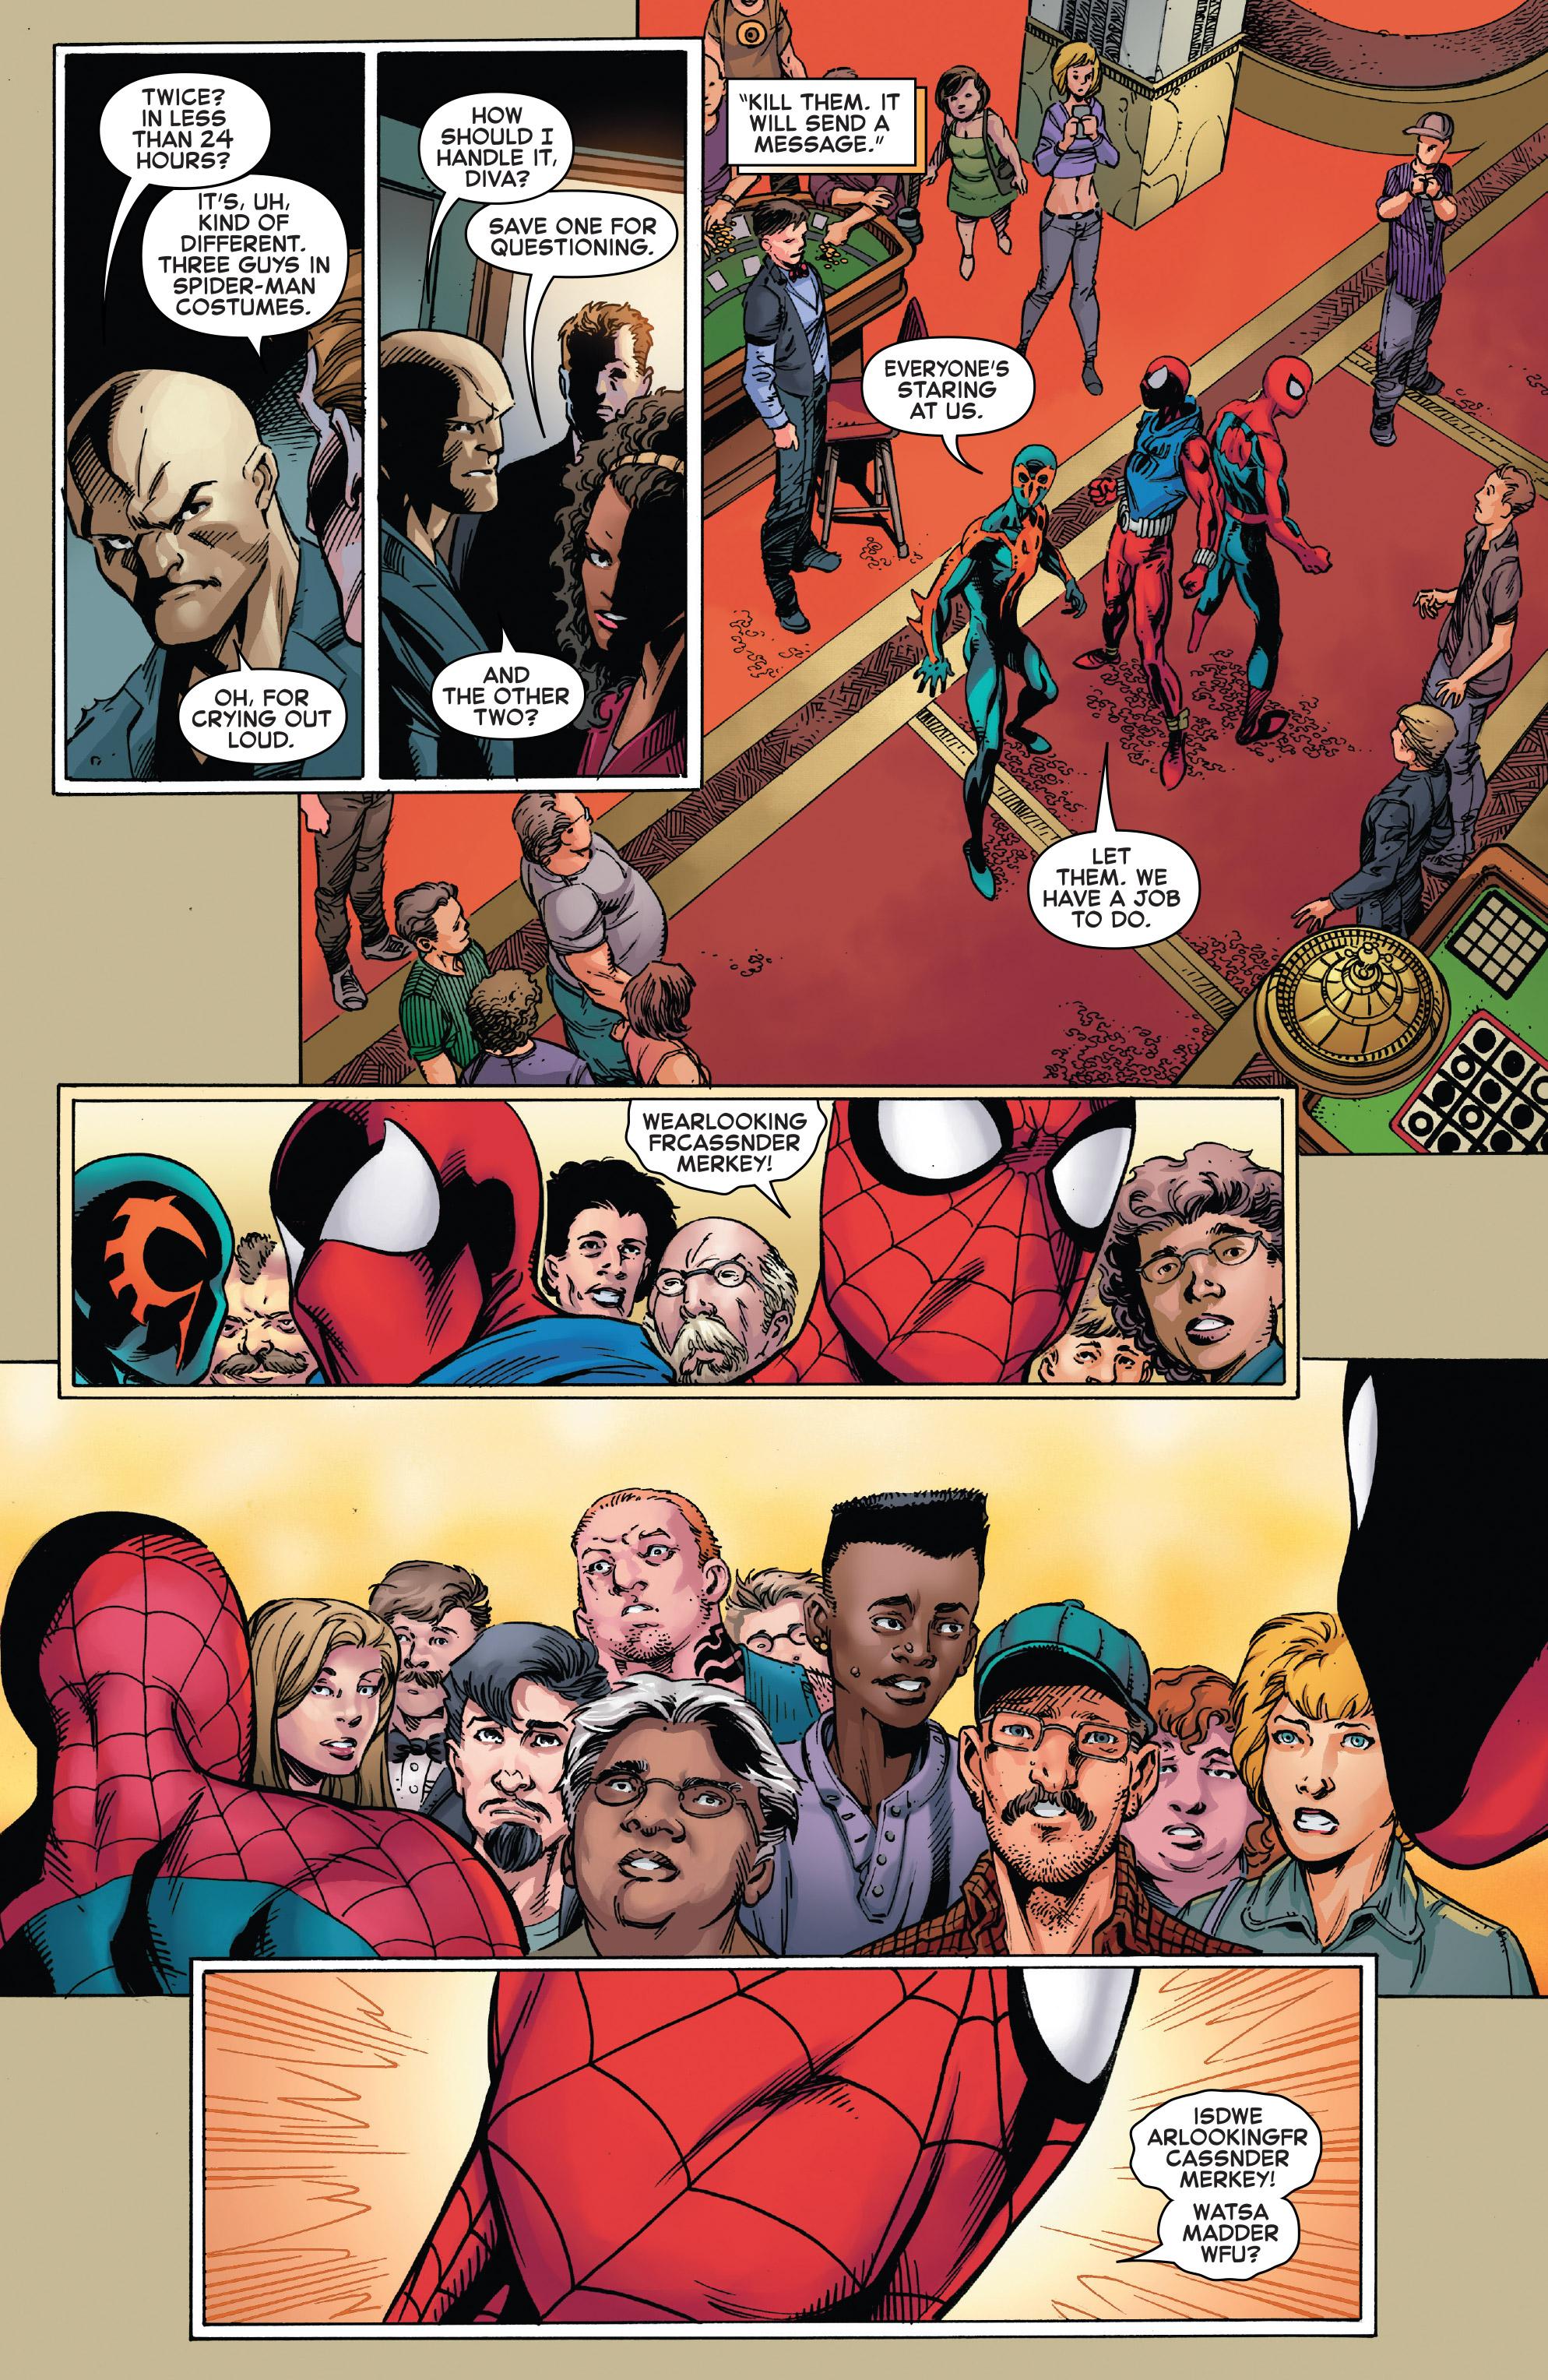 Read online Ben Reilly: Scarlet Spider comic -  Issue #3 - 14